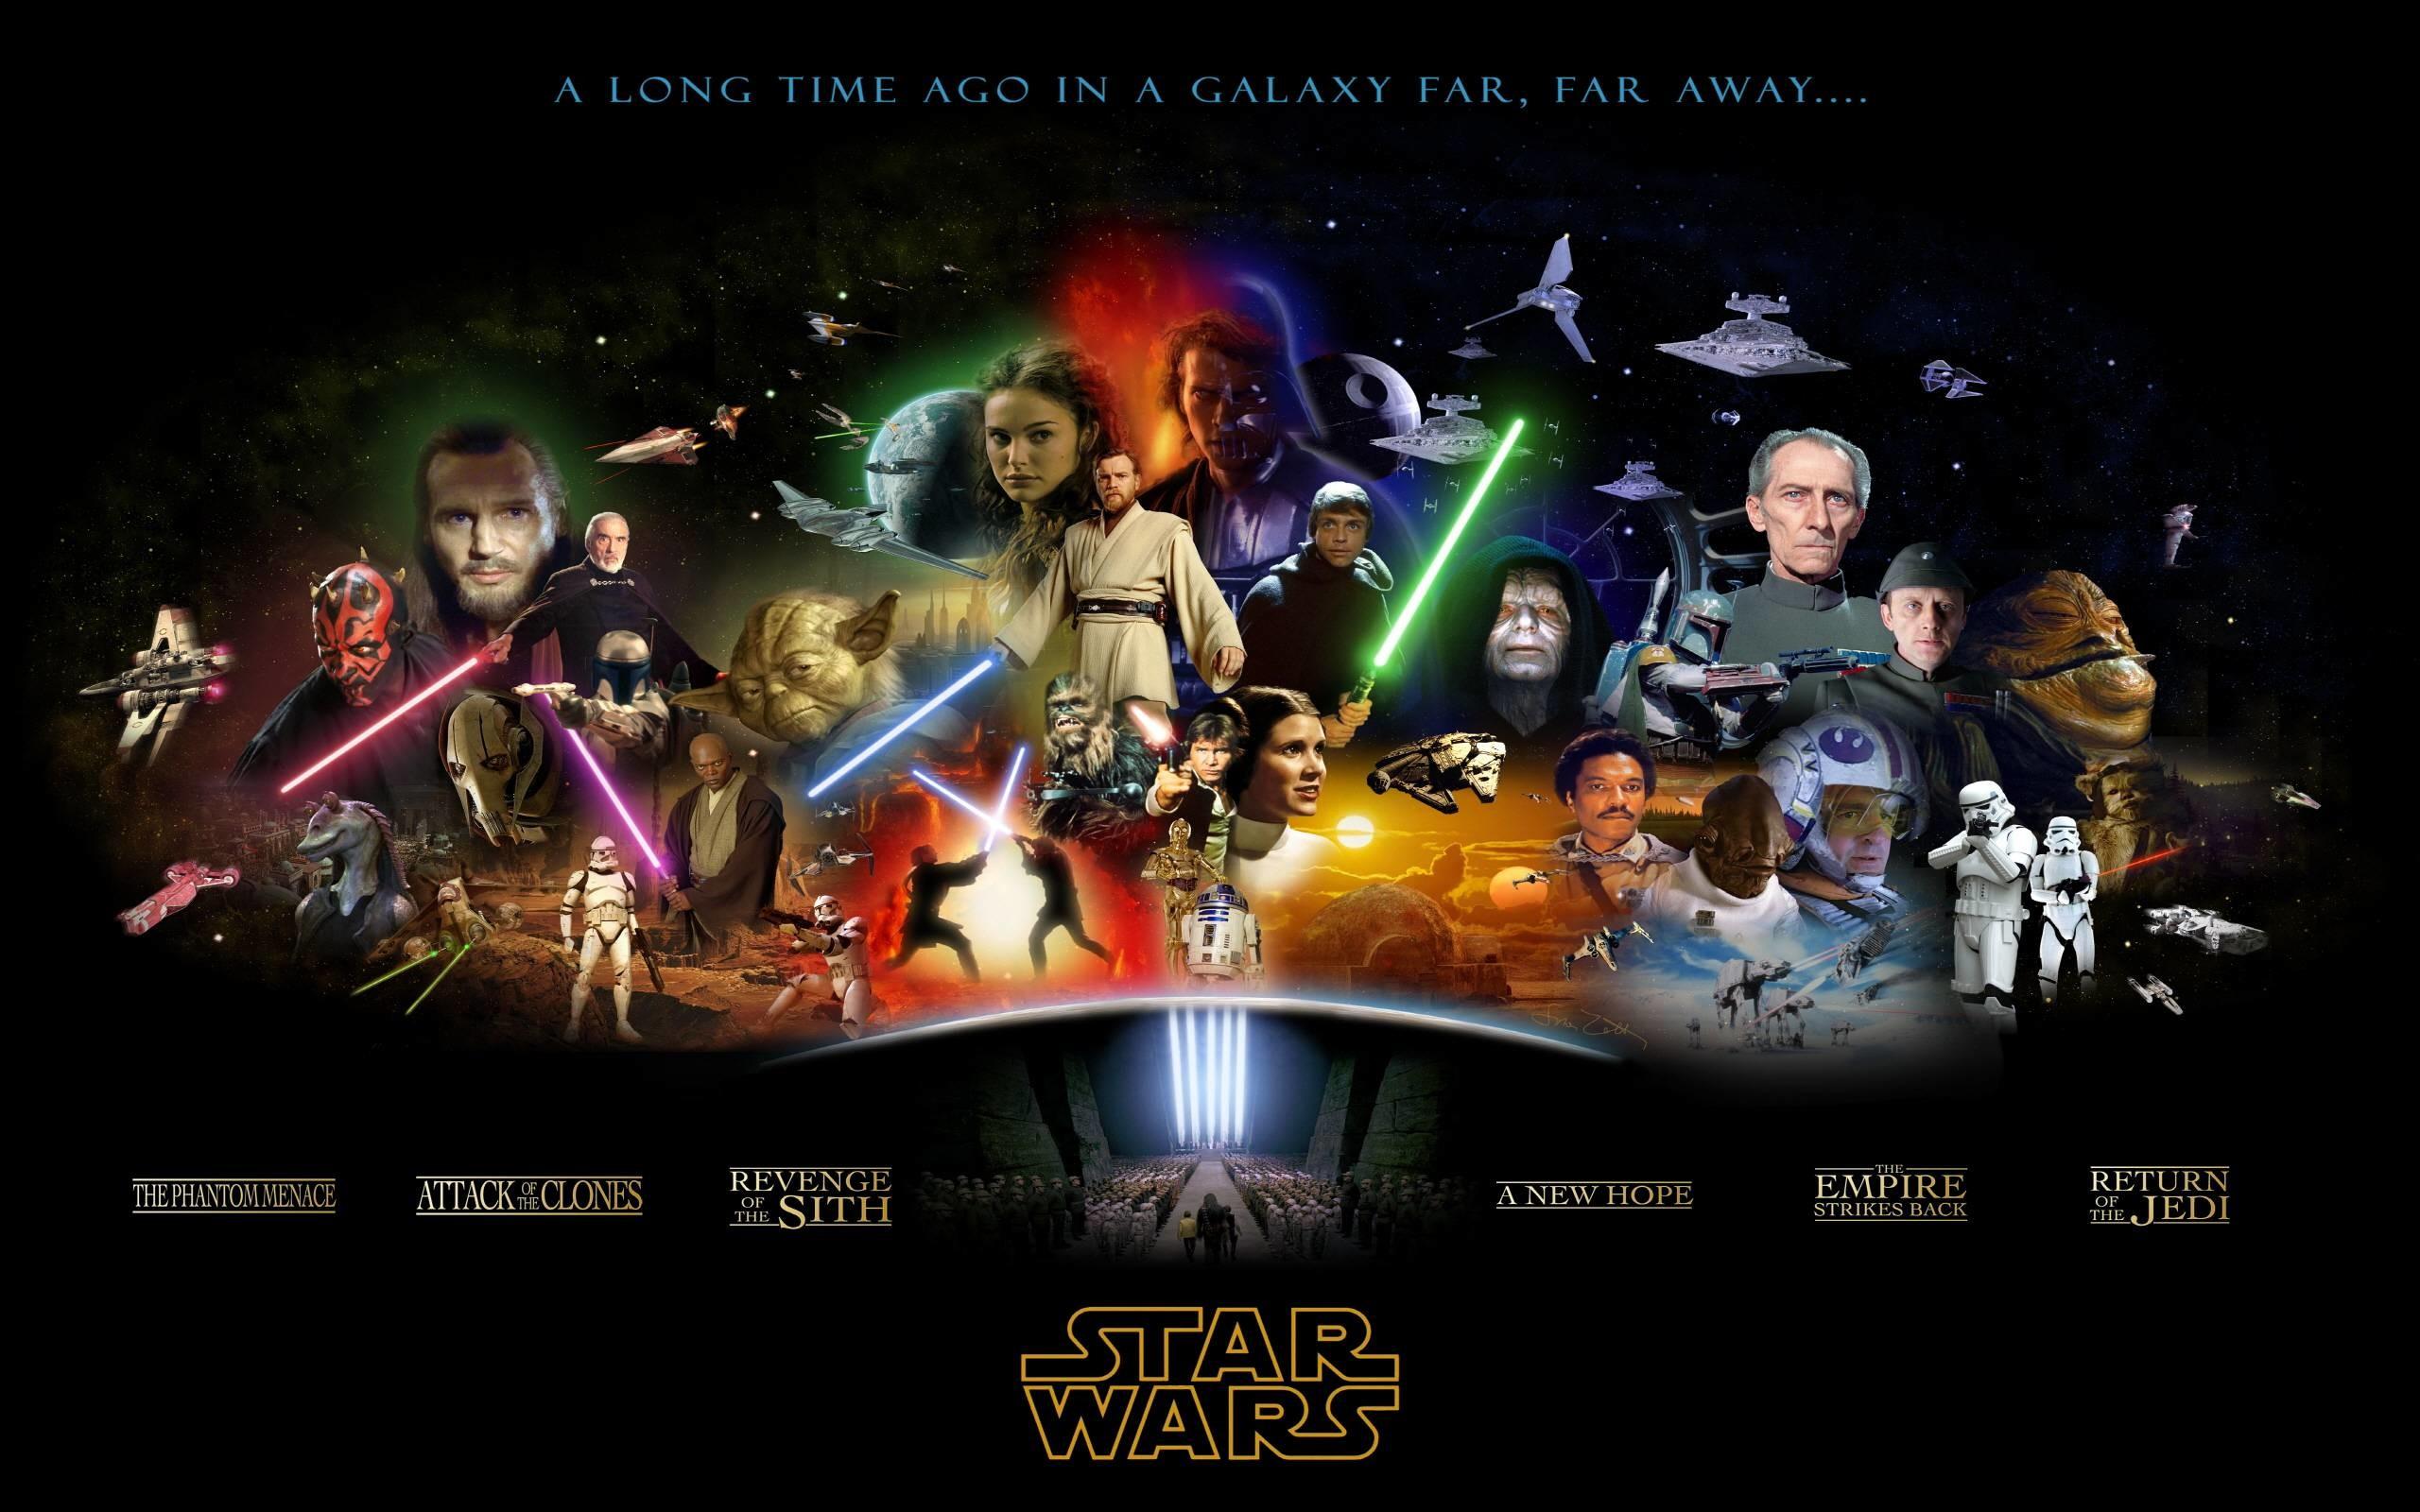 Star Wars Jedi Wallpaper Hd 66 Images